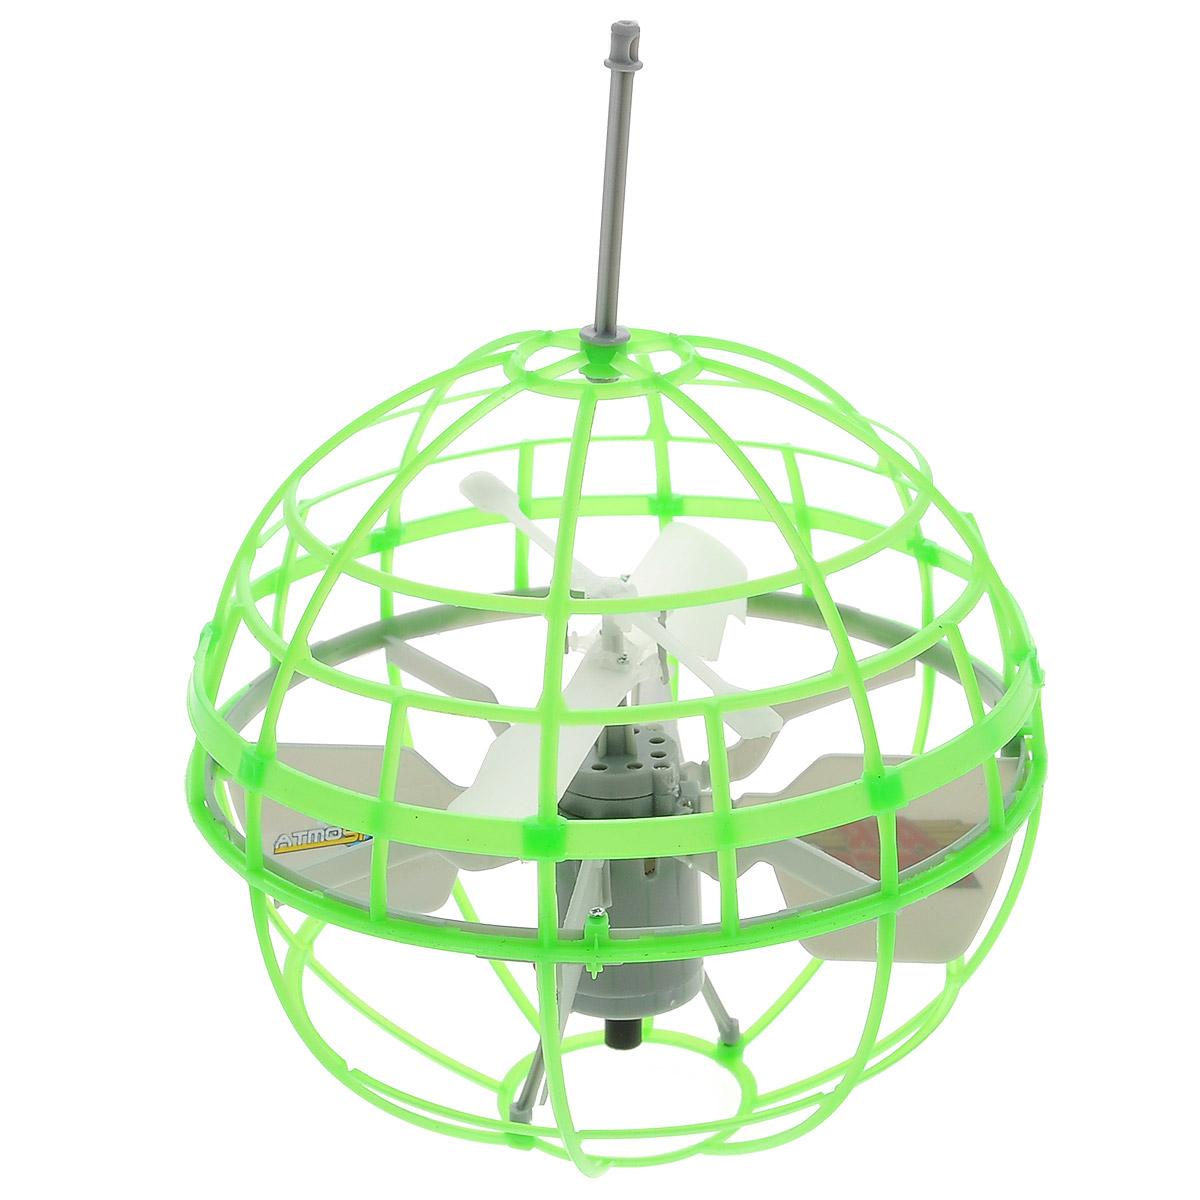 Air Hogs Игрушка на радиоуправлении Atmosphere Axis цвет зеленый